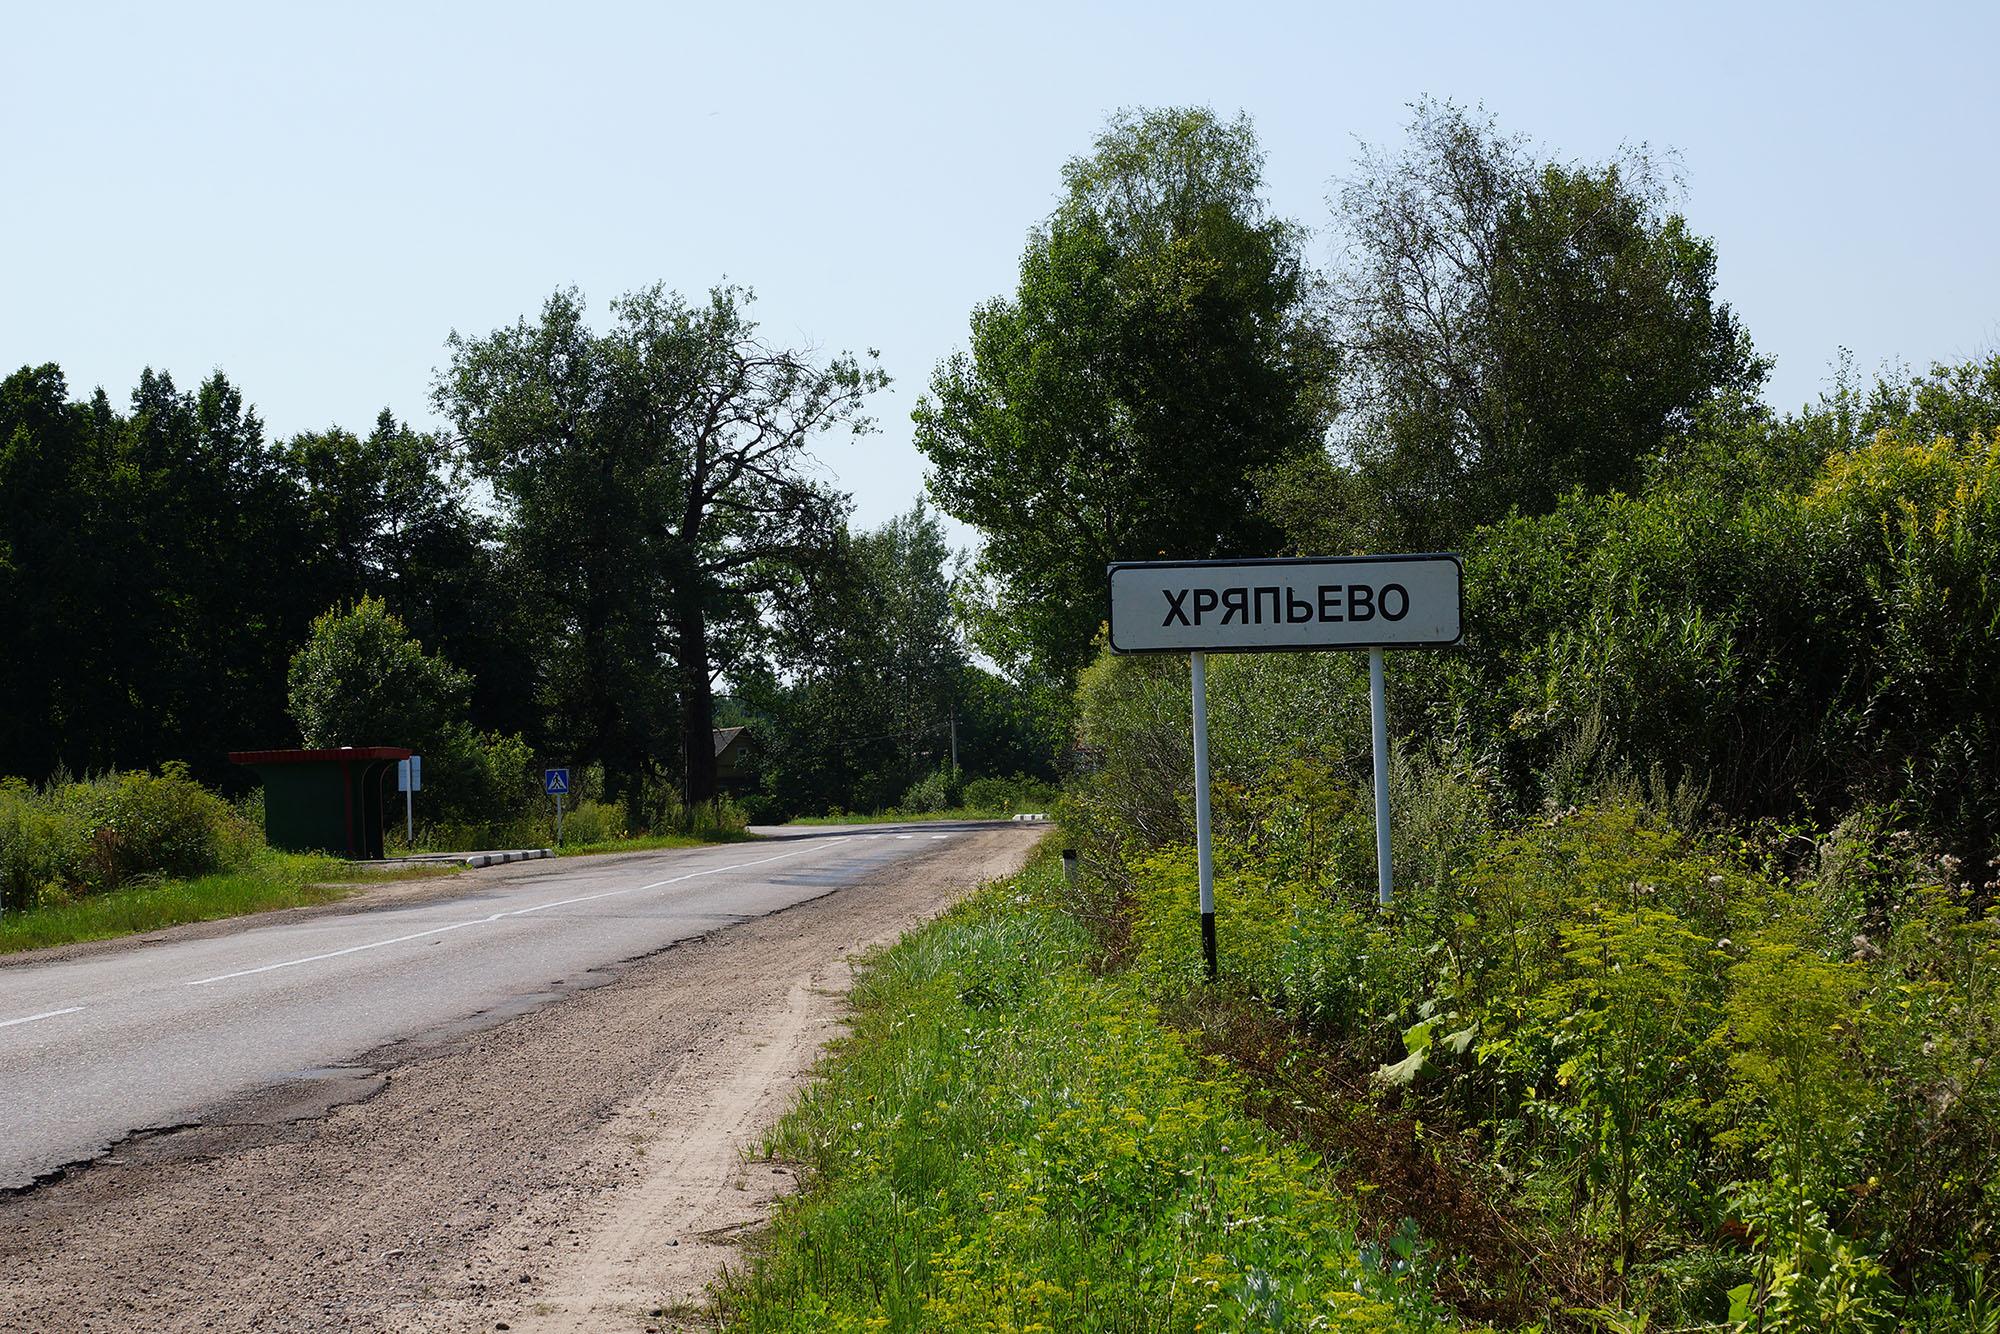 Хряпьево, Бежаницкий район, Псковская область.